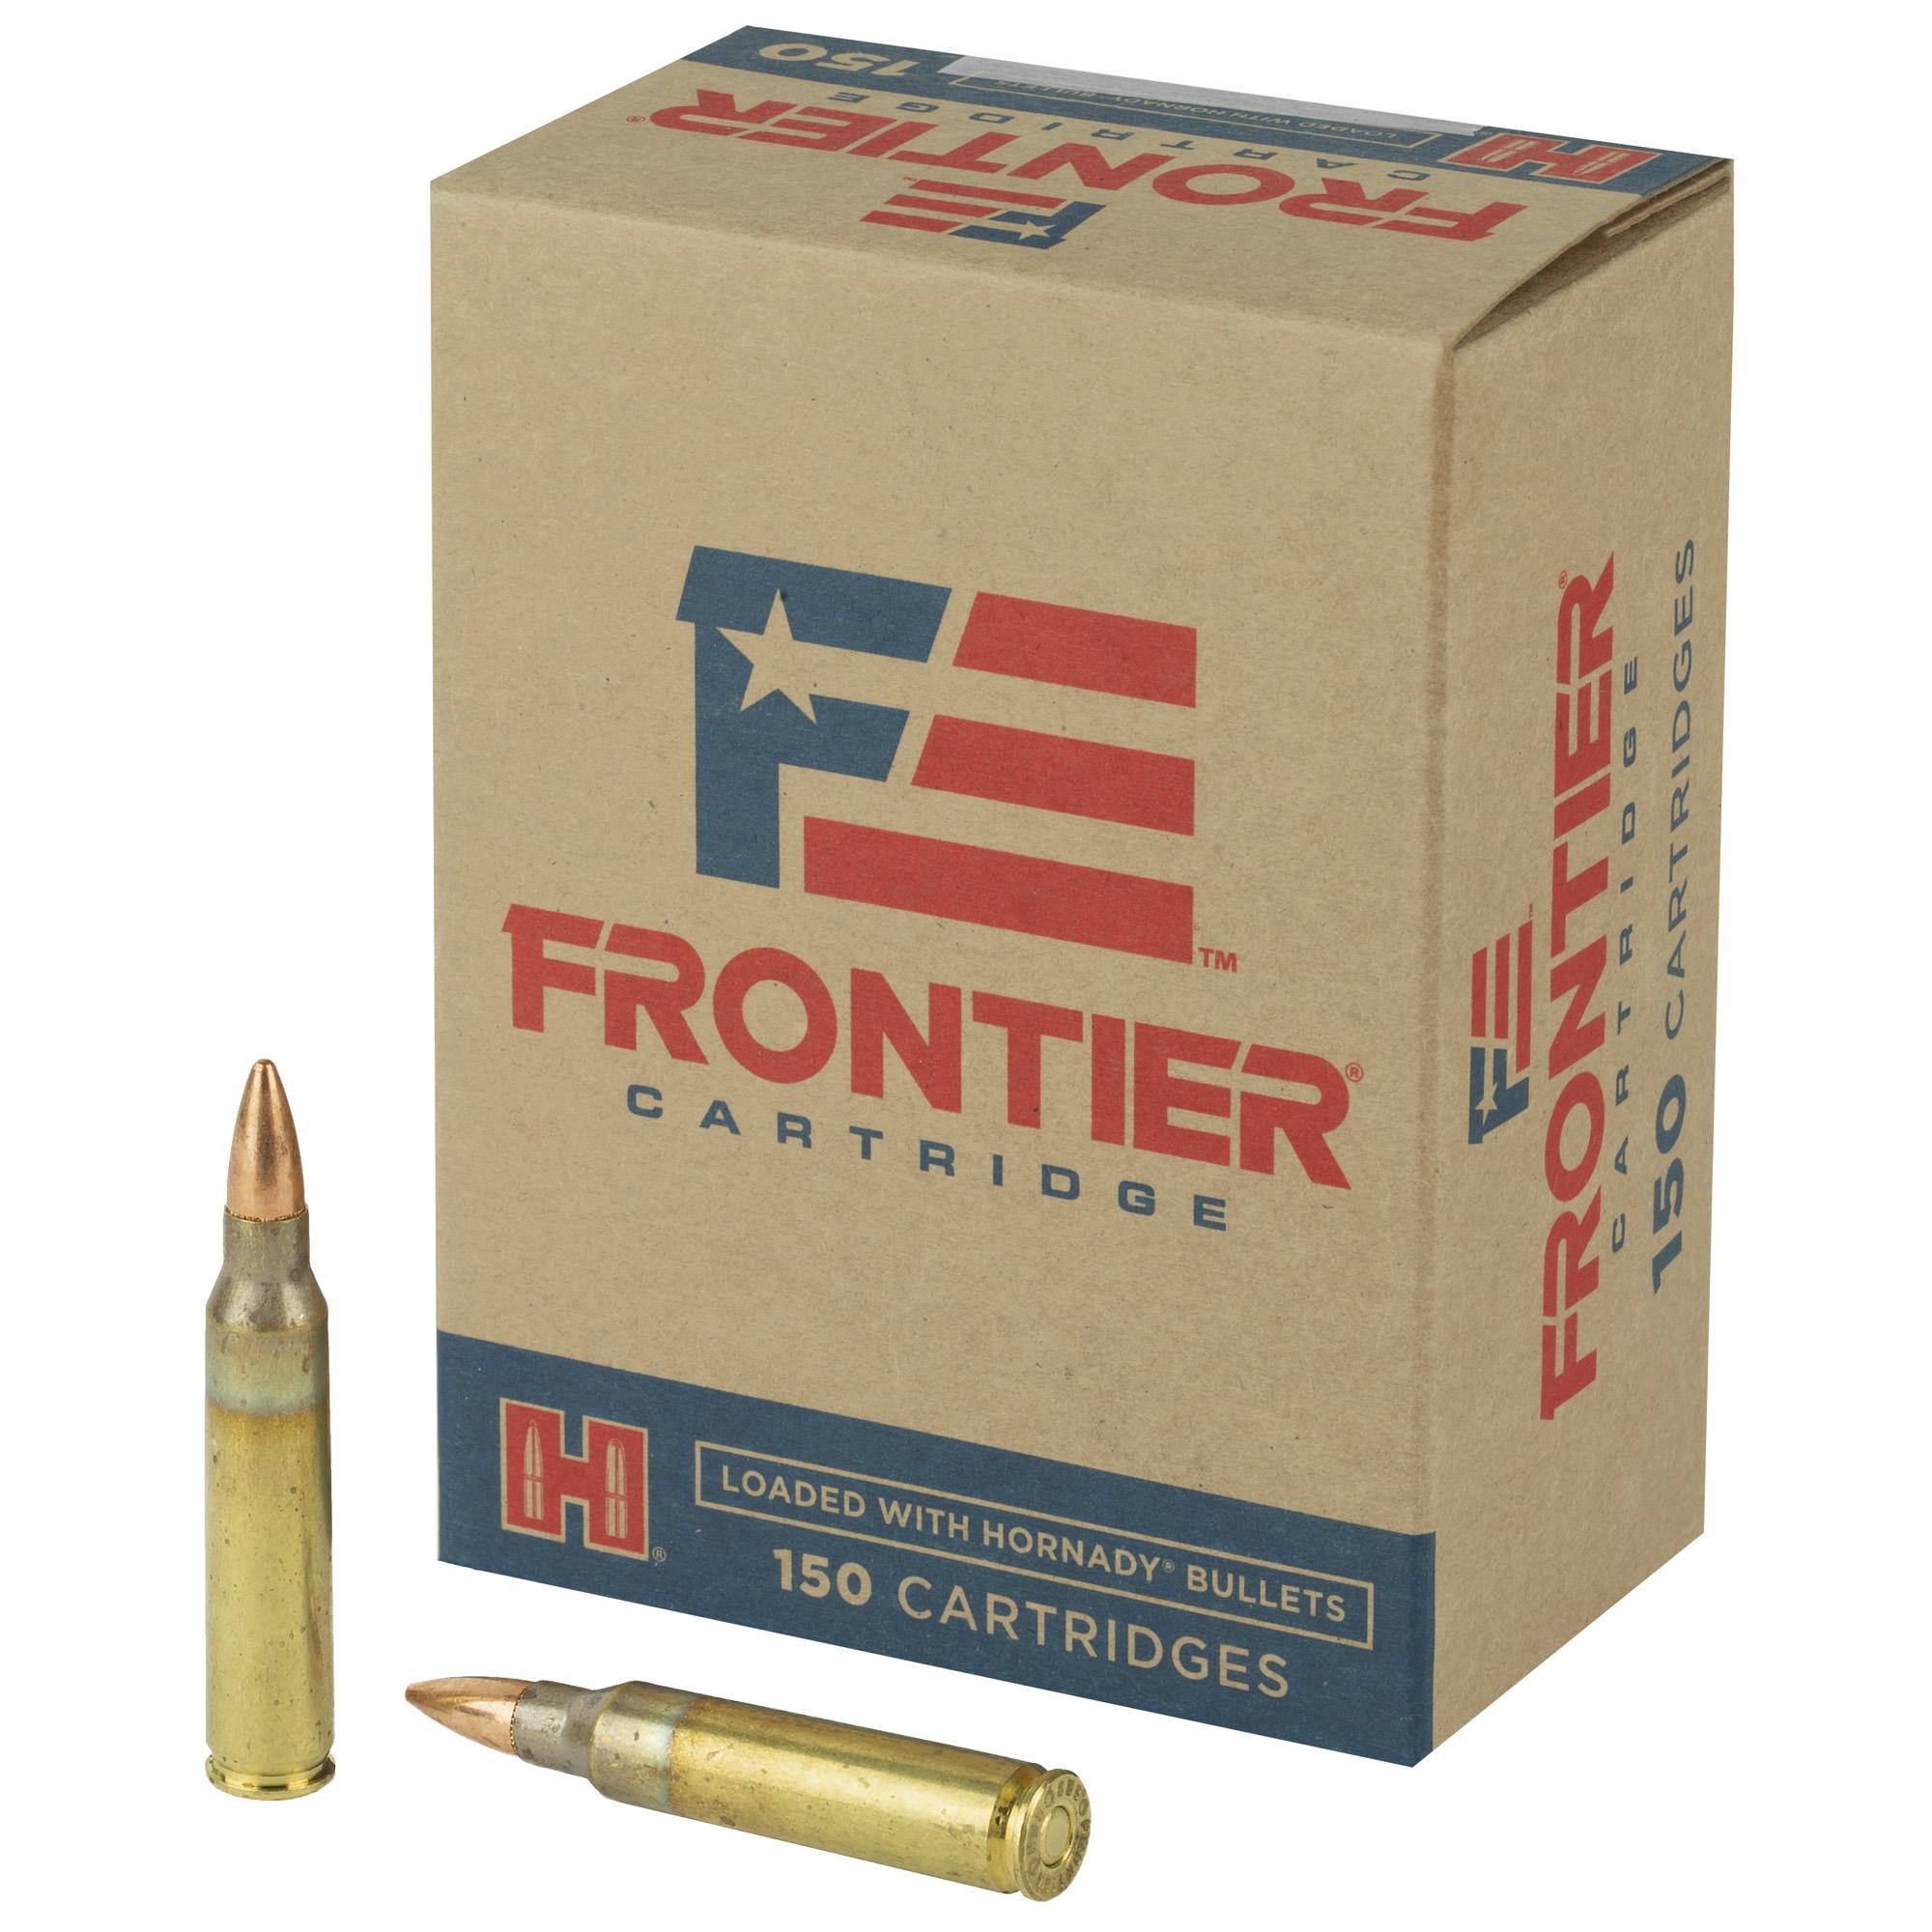 Frontier 223rem 55gr Fmj 150/1200